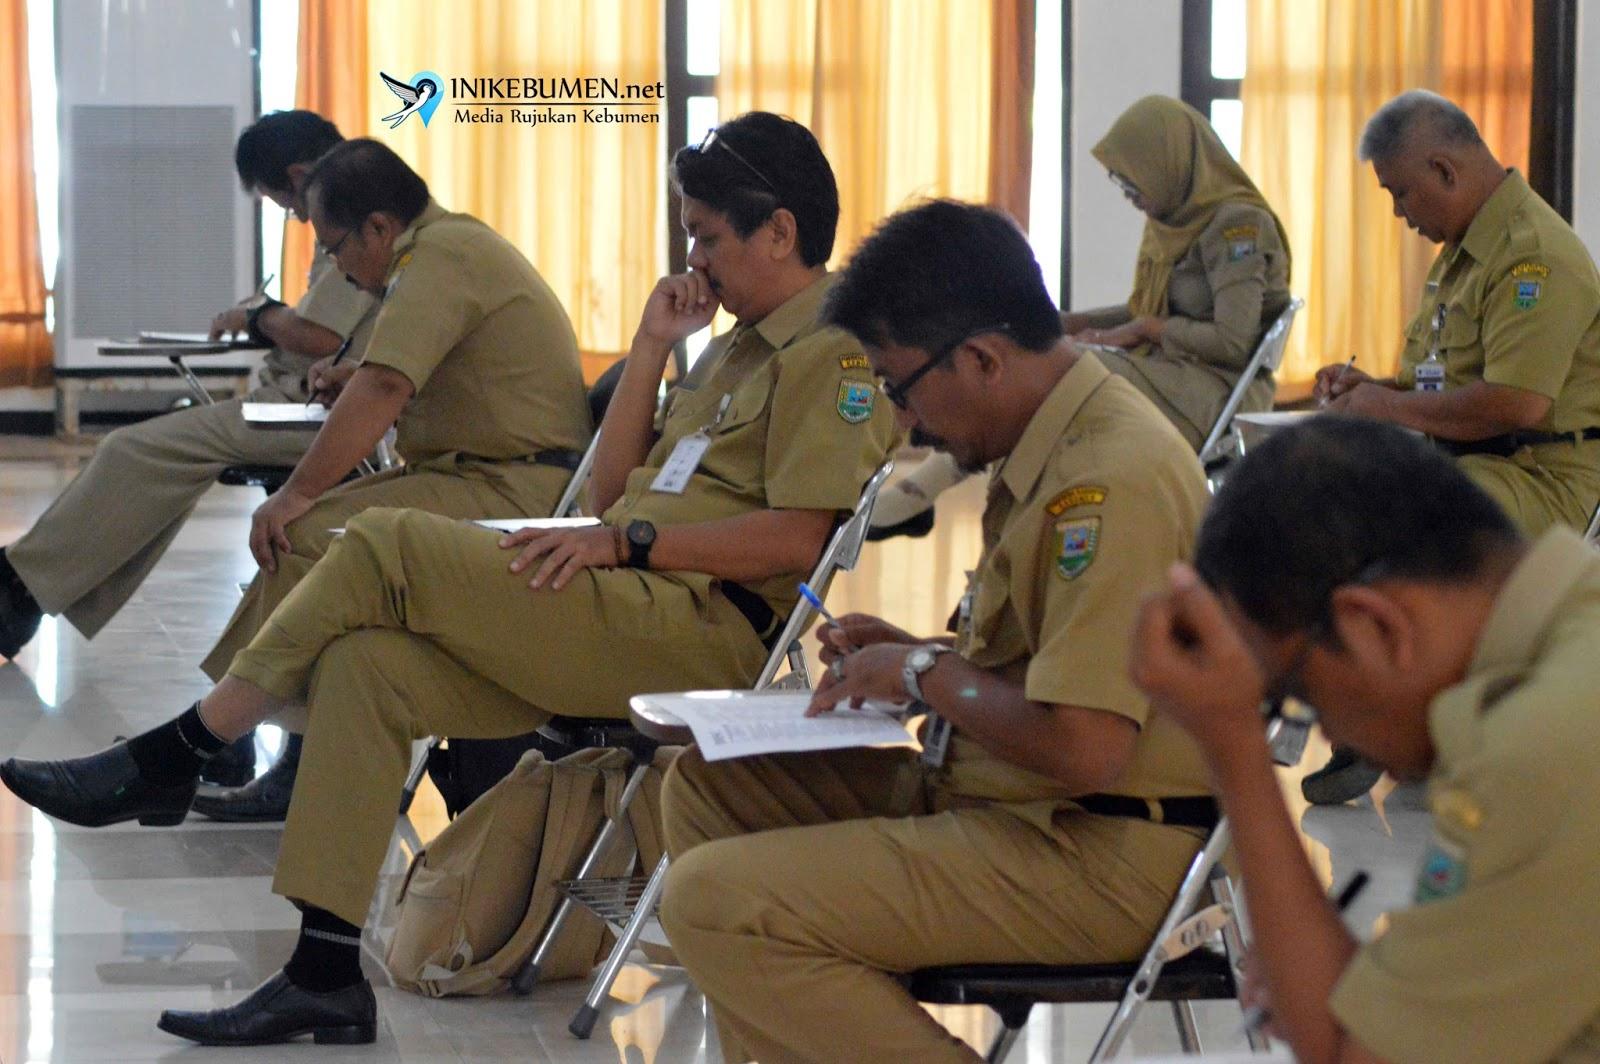 Lima Pejabat Eselon II Bakal Dilantik Minggu Depan